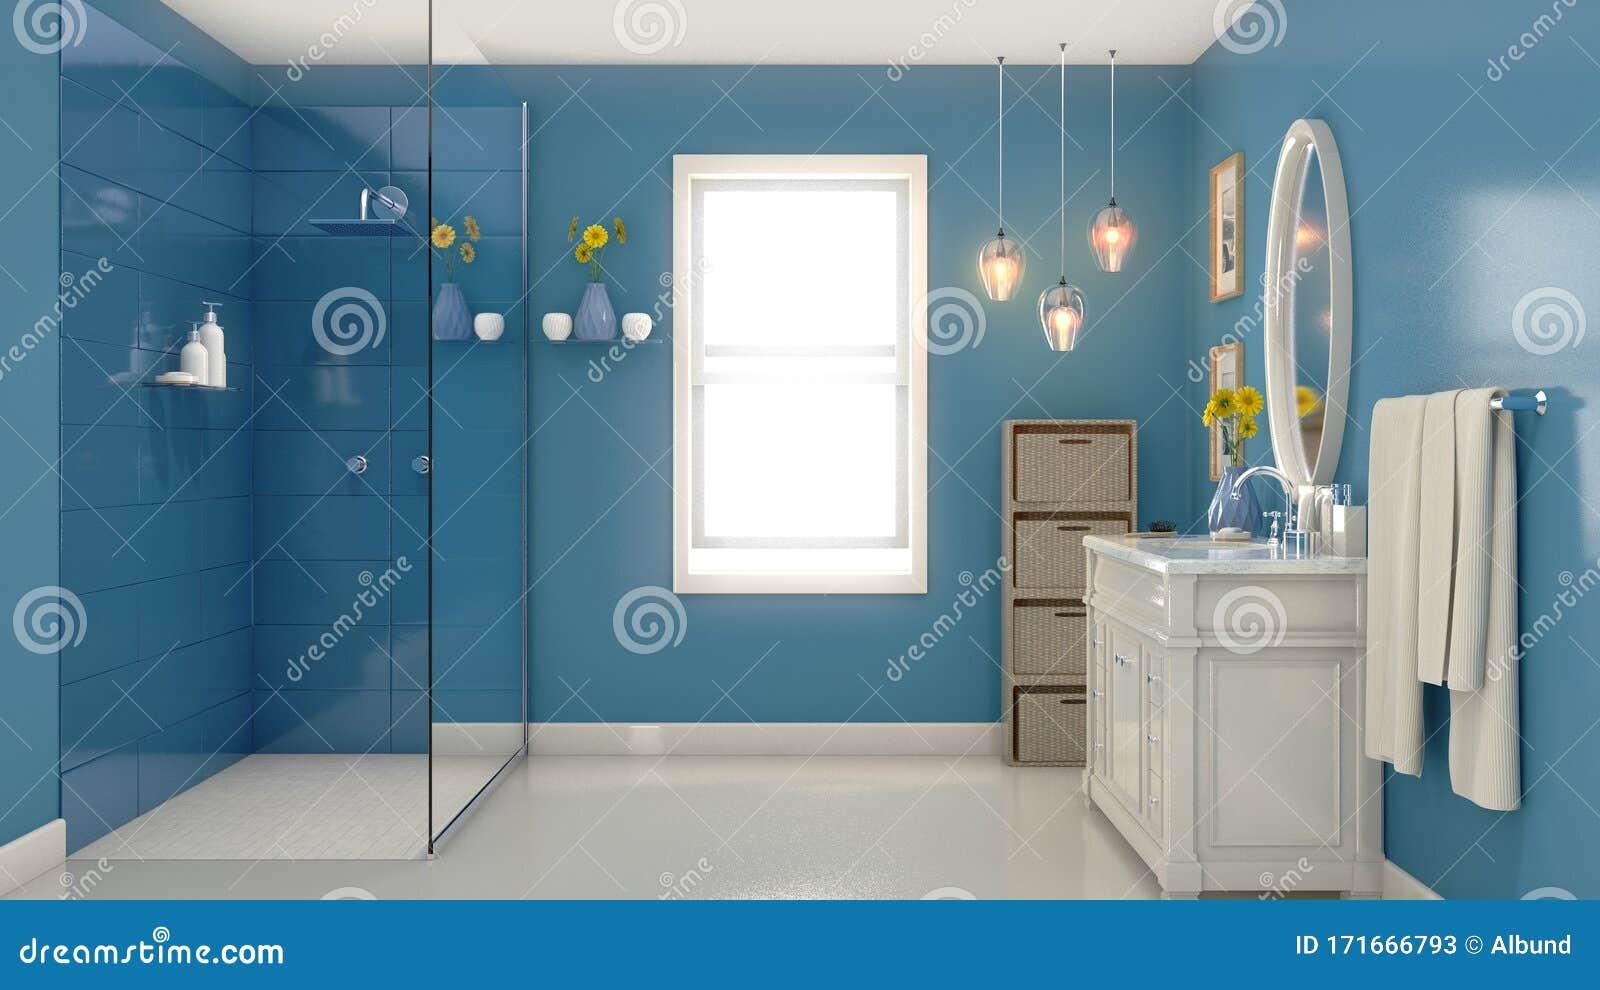 Modern Blue Bathroom Interior Stock Illustration Illustration Of Homely Mosaics 171666793